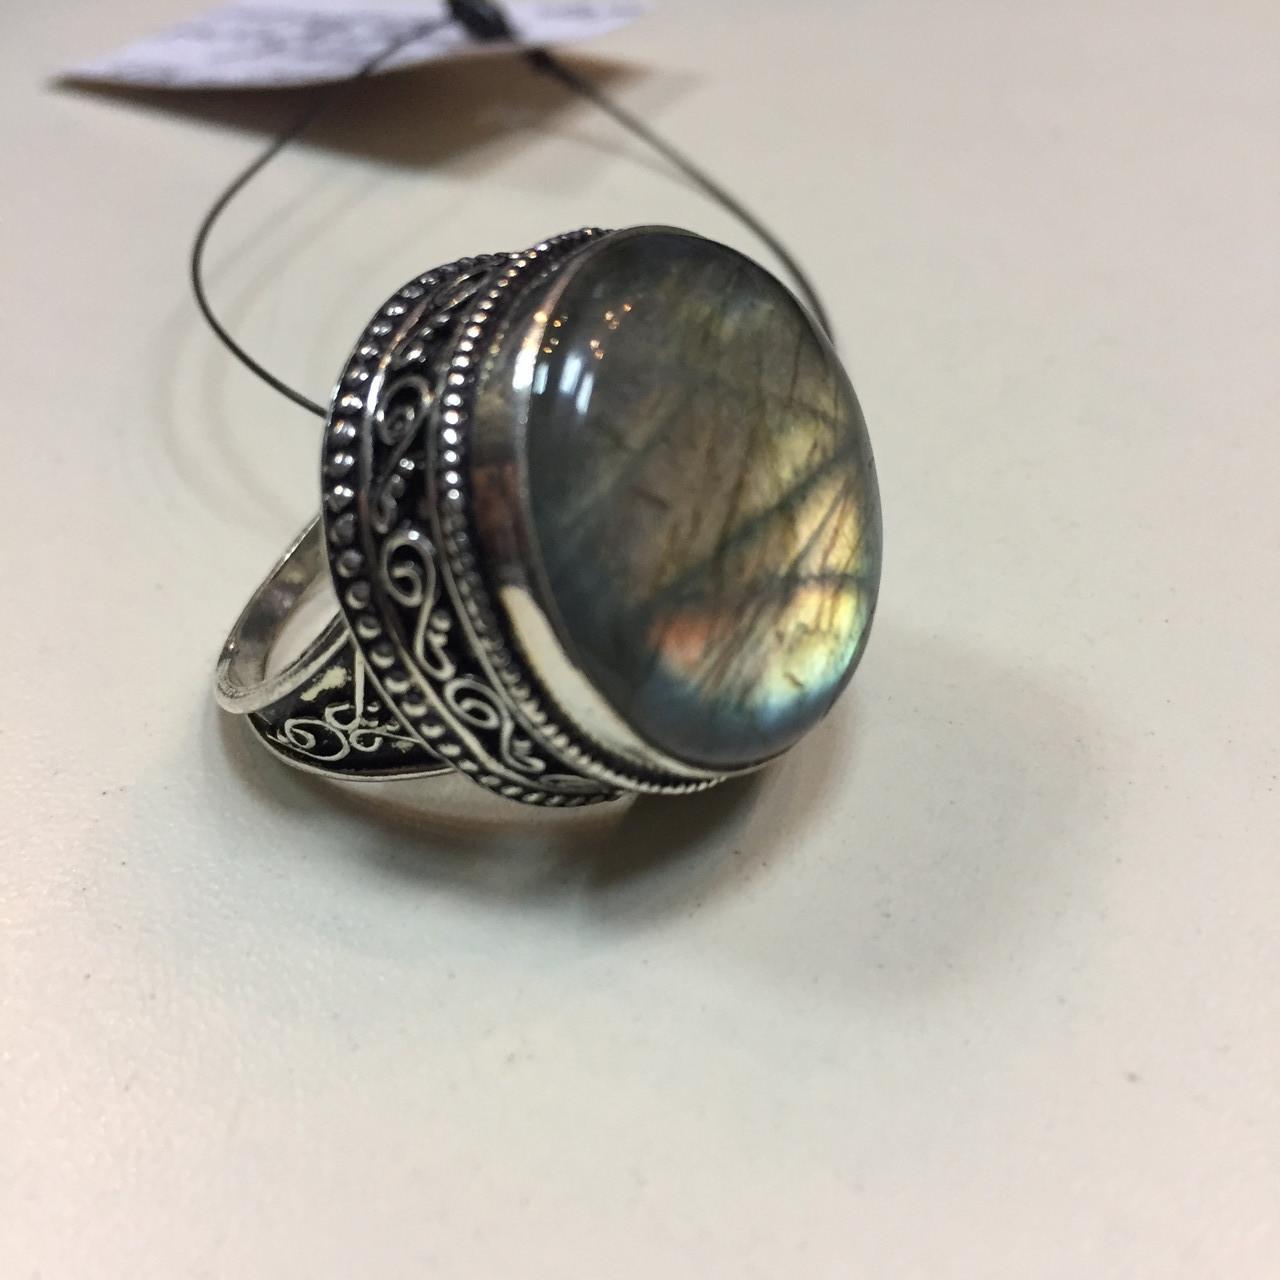 Кольцо лабрадорит спектролит кольцо круглое с натуральным лабрадором спектролитом 20 размер Индия!